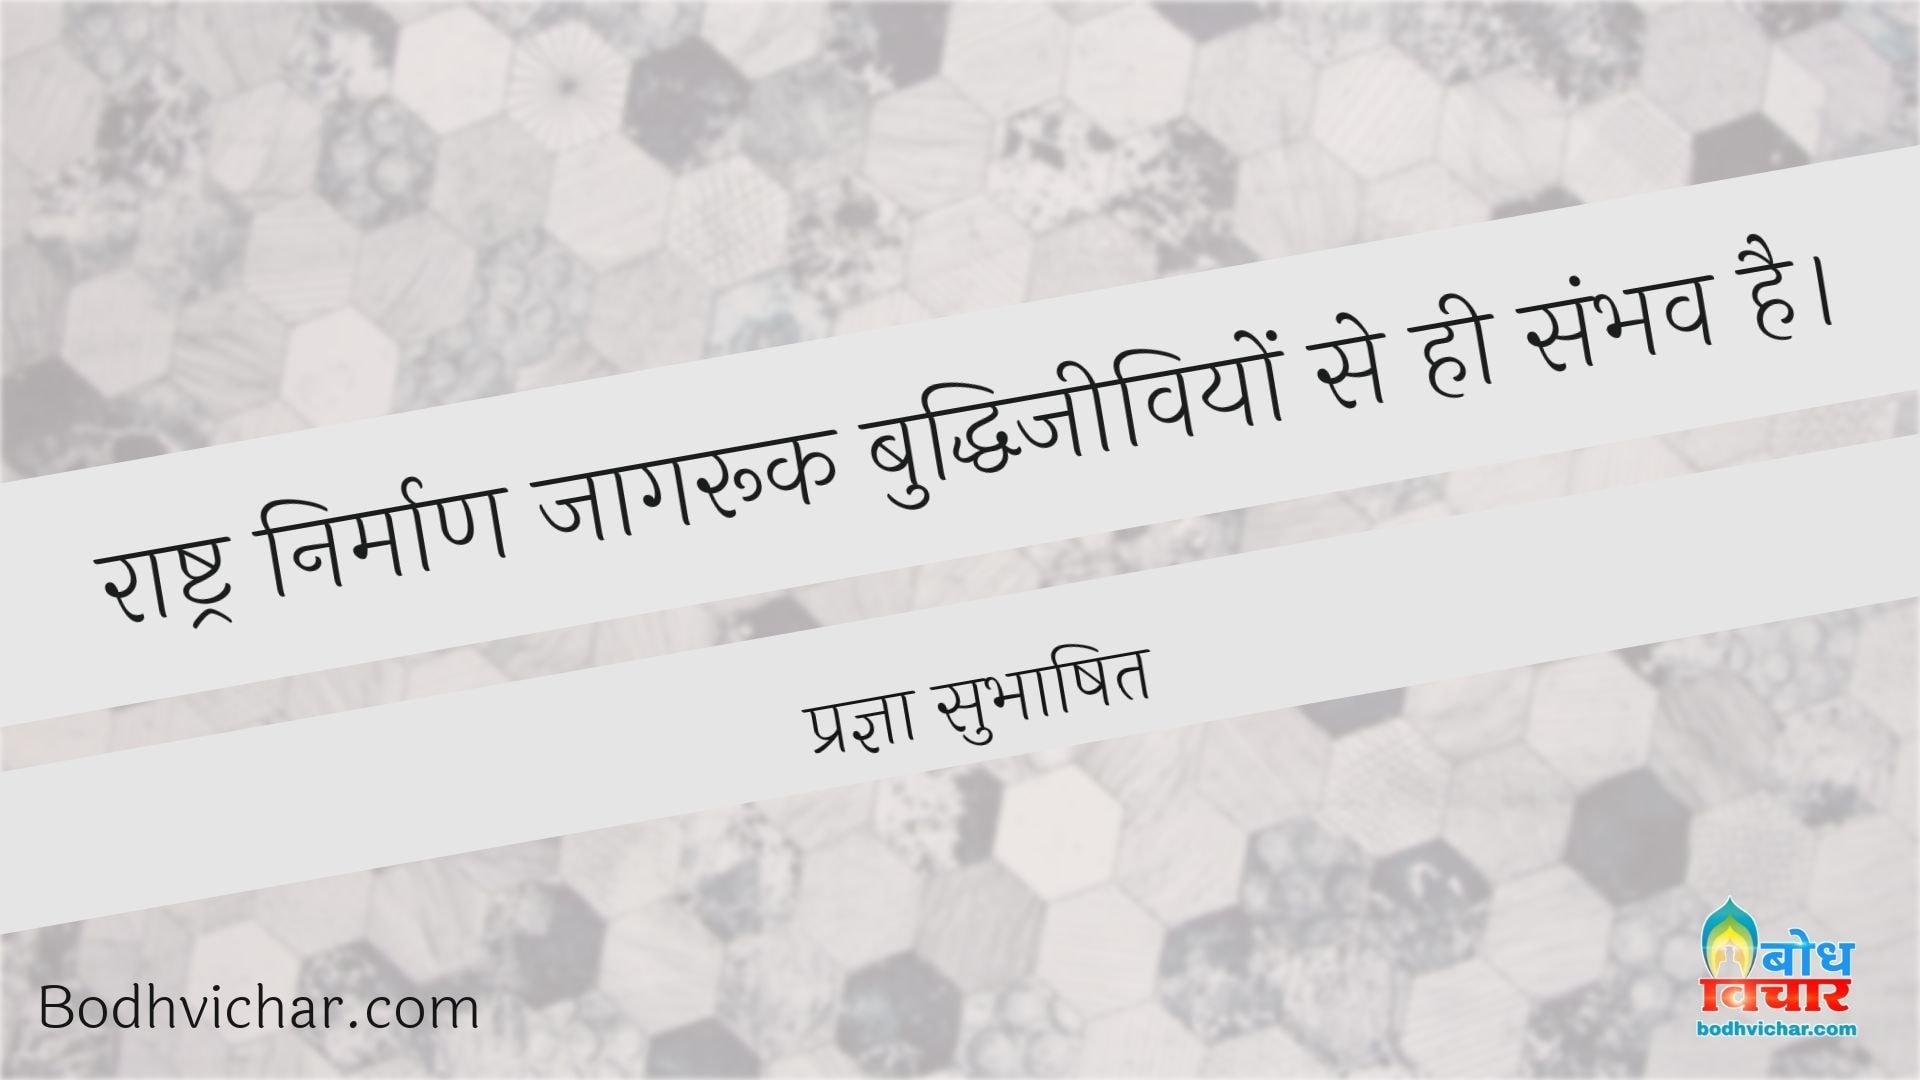 राष्ट्र के उत्थान हेतु मनीषी आगे आयें। : Rashra ke utthan hetu maneeshi aage aayein - प्रज्ञा सुभाषित